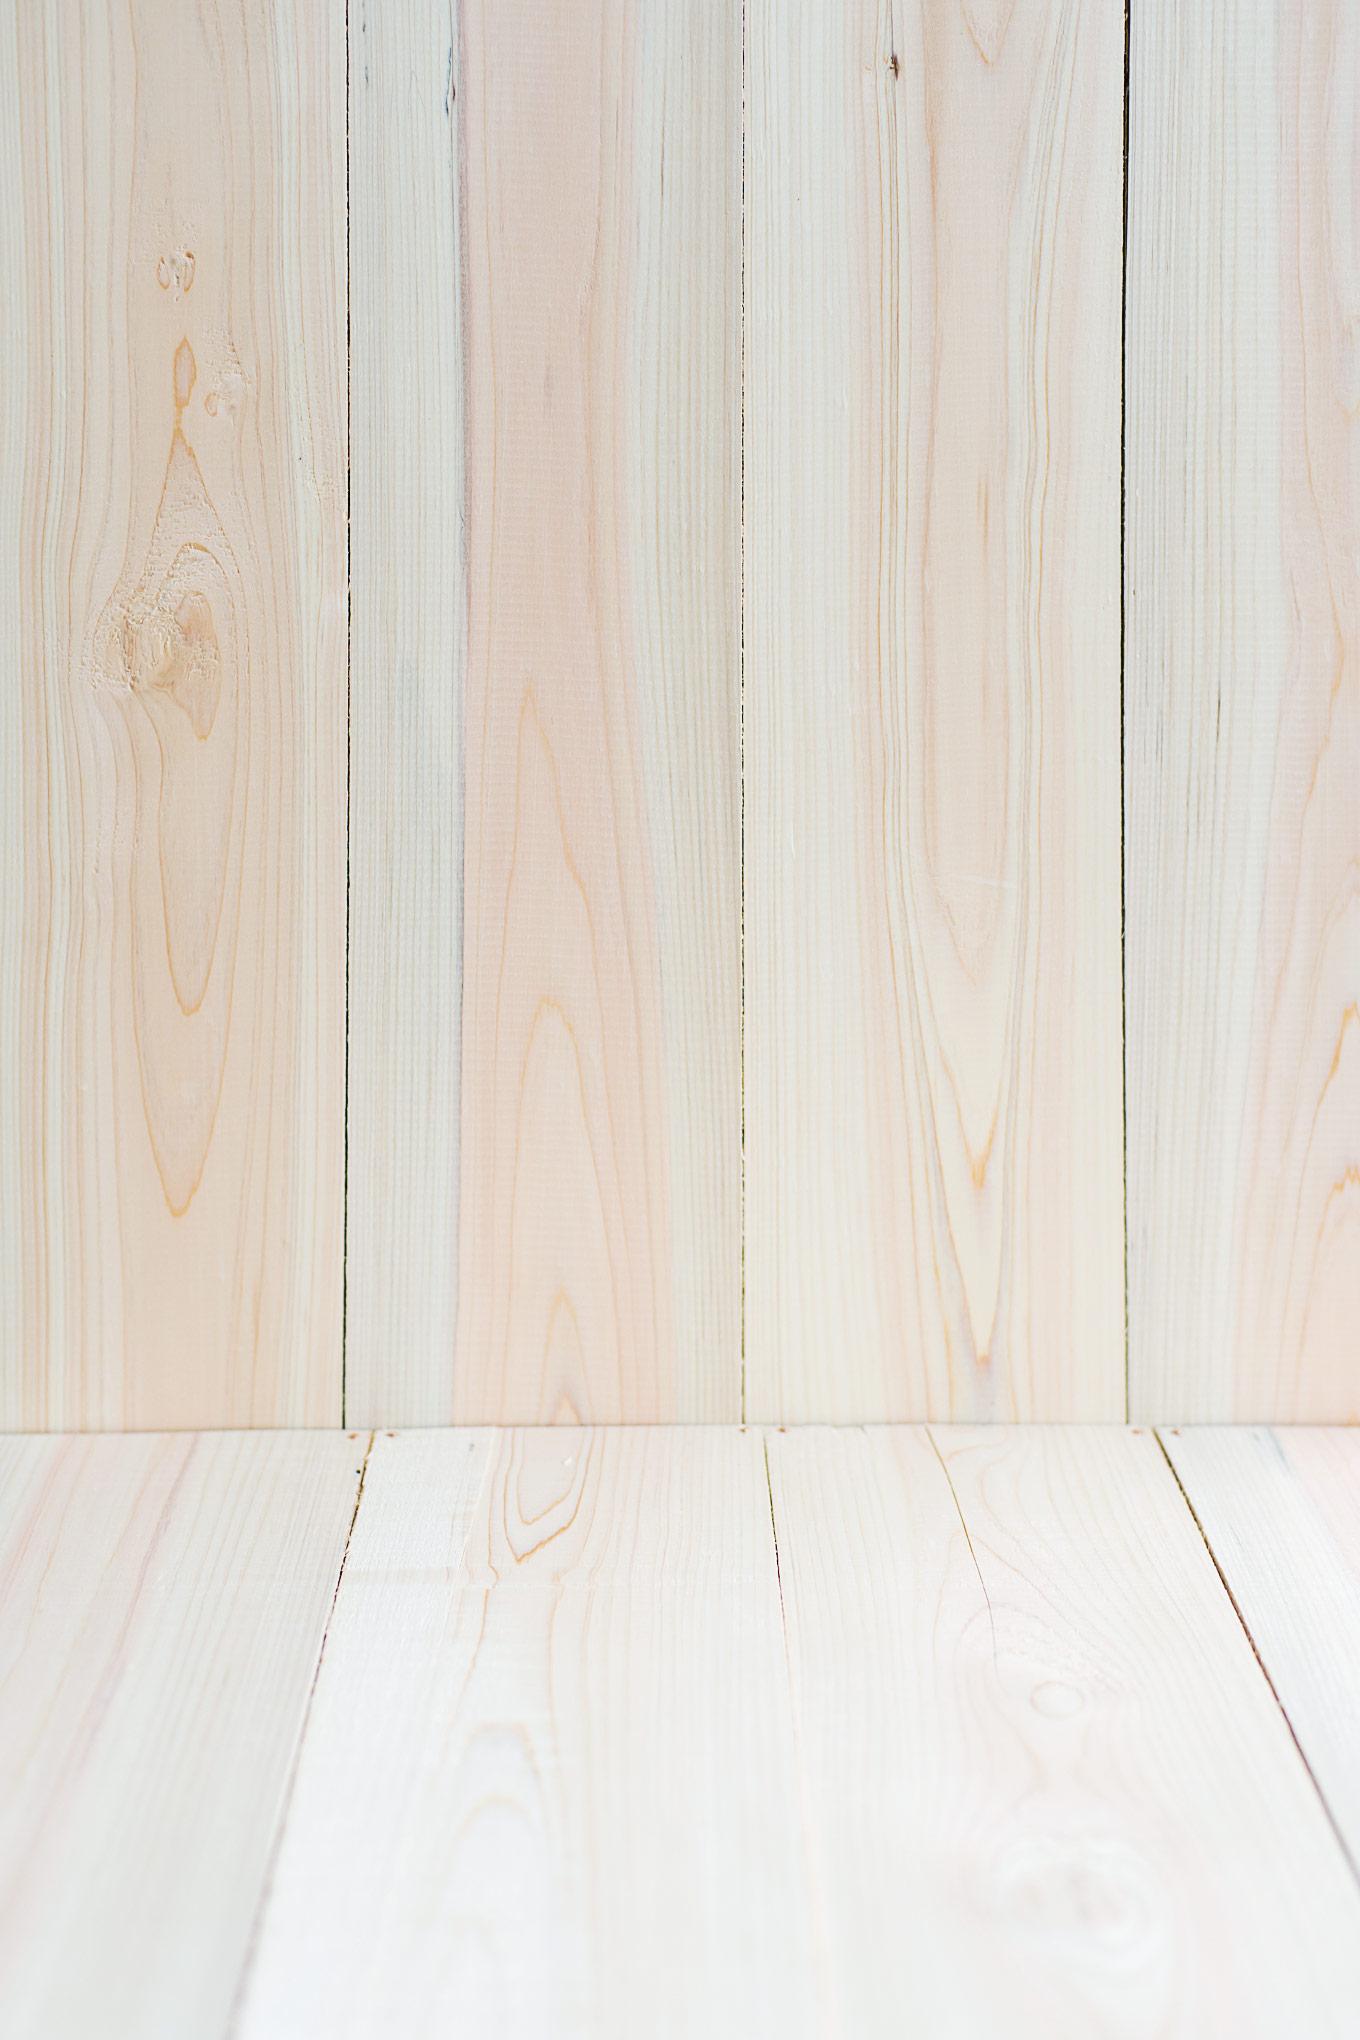 diy-wooden-backdrop-4